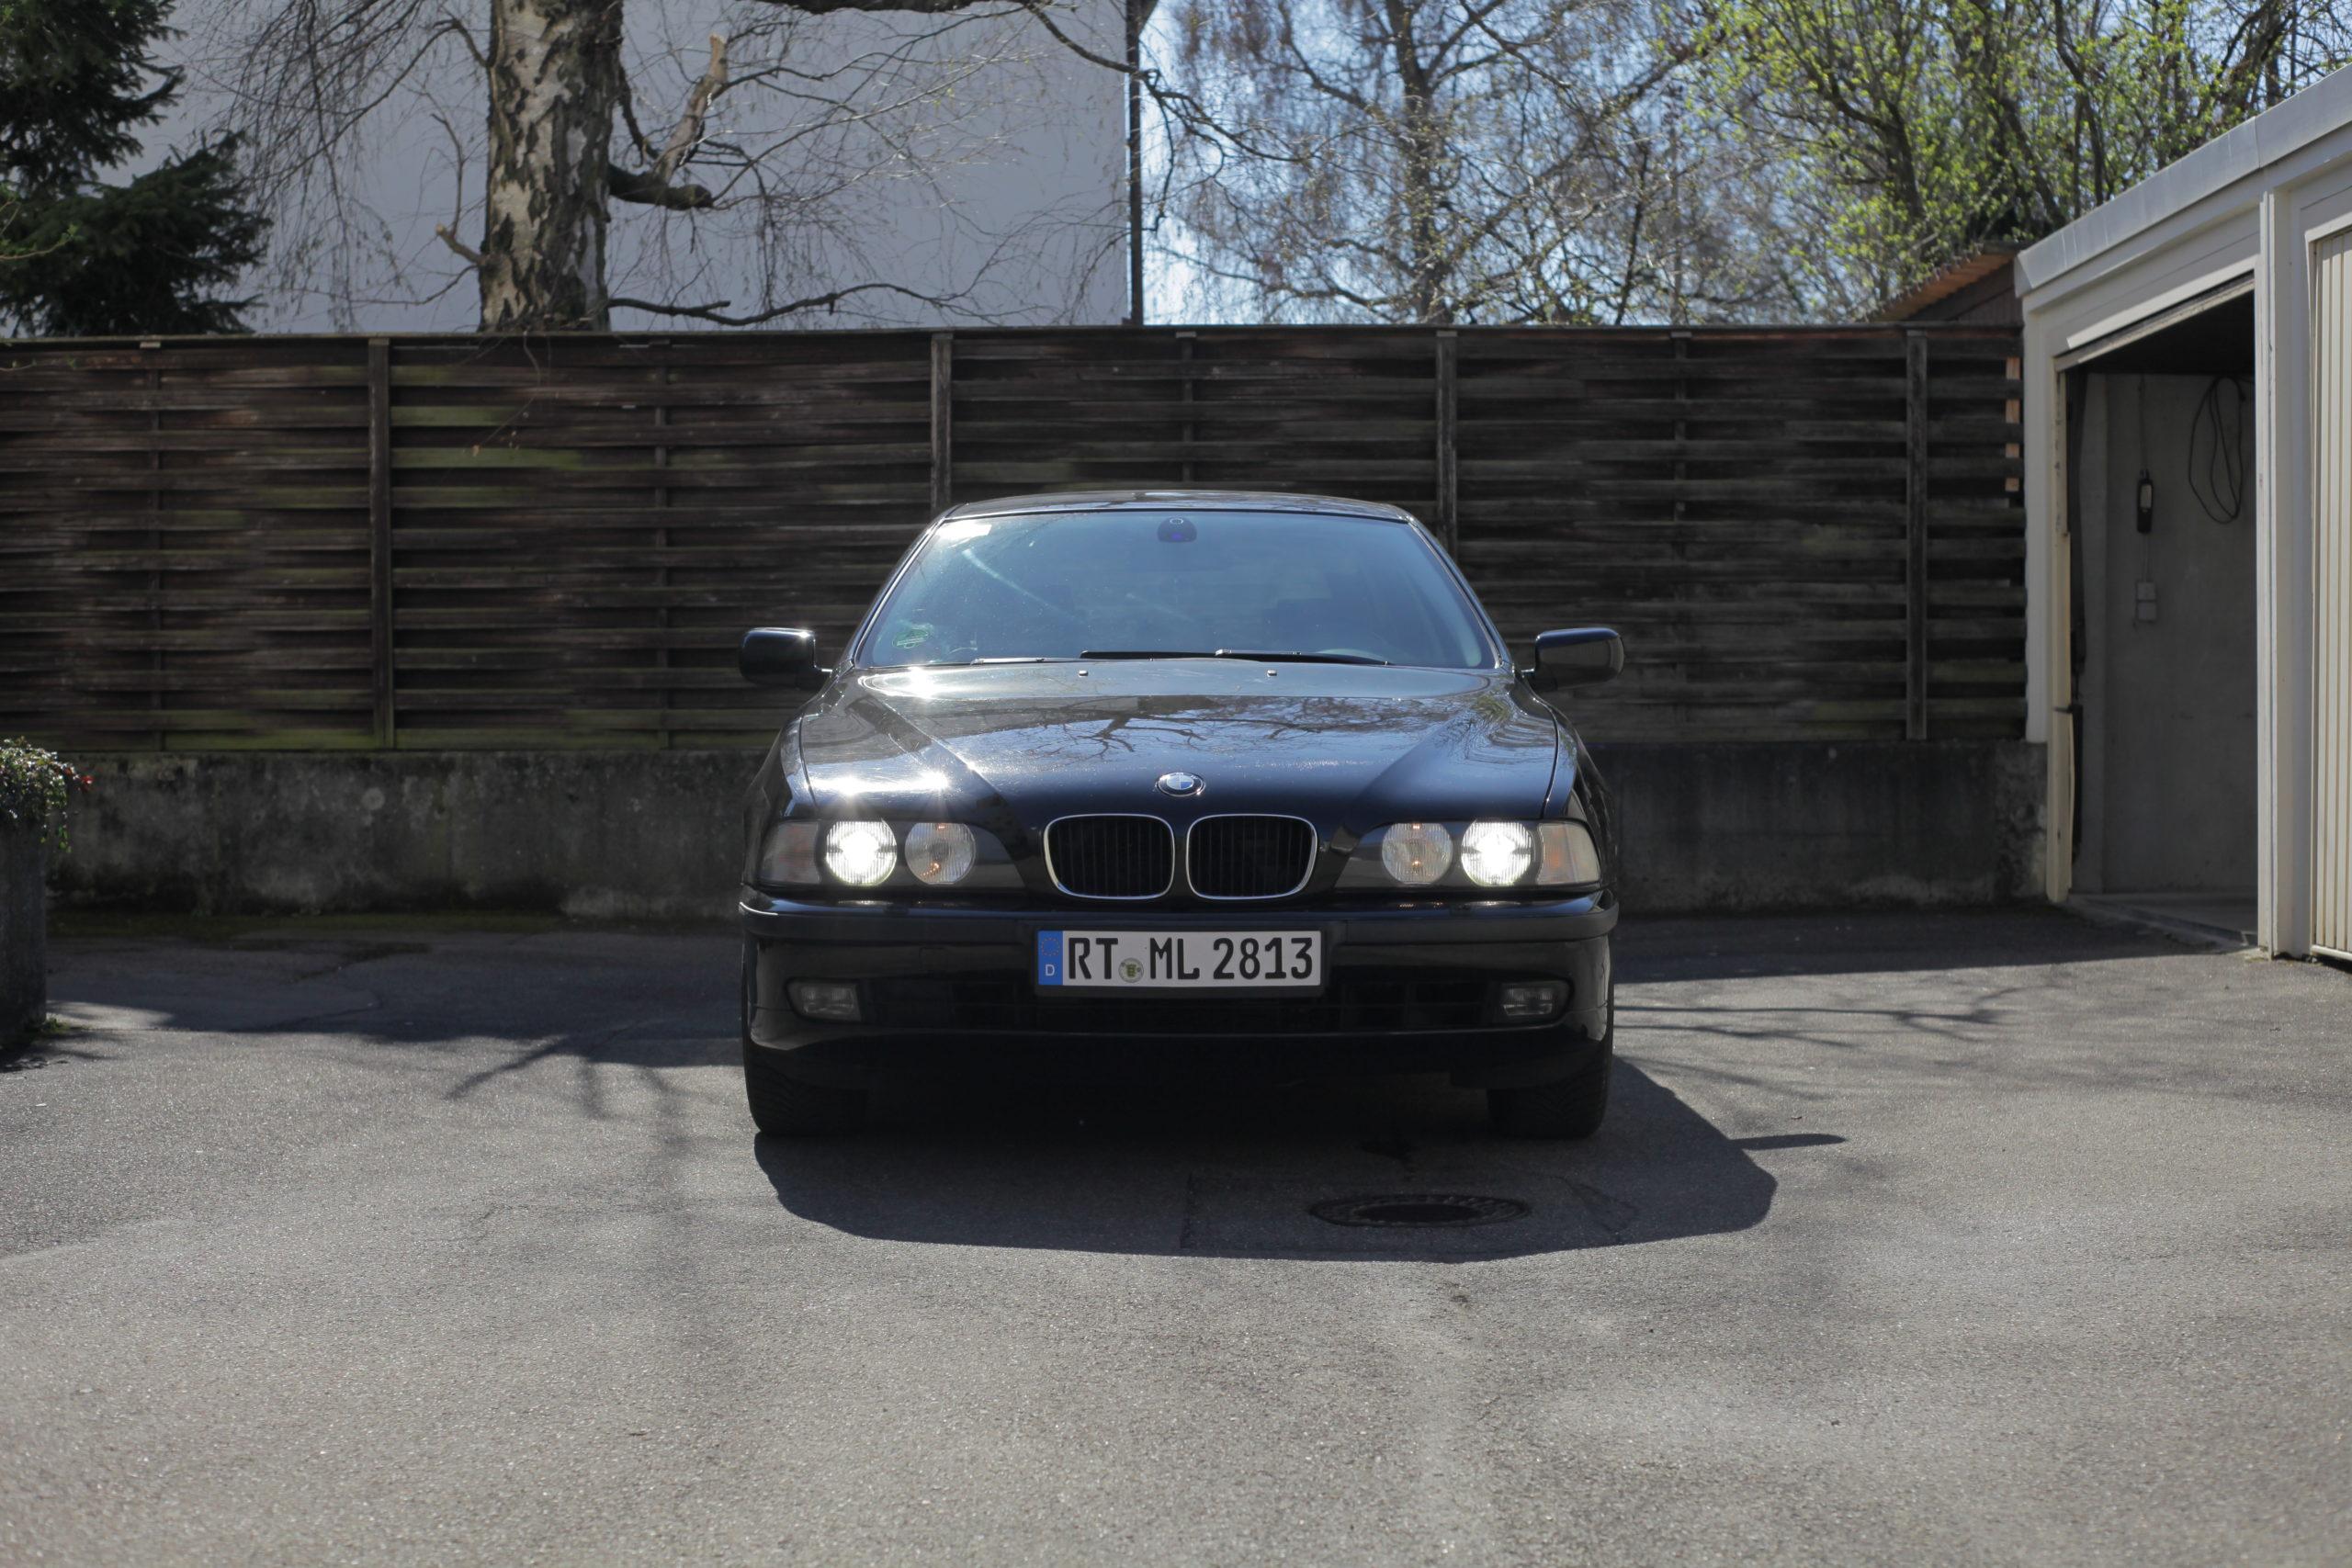 Projekt BMW E39 Teil 9: Willkommen, Madeleine!